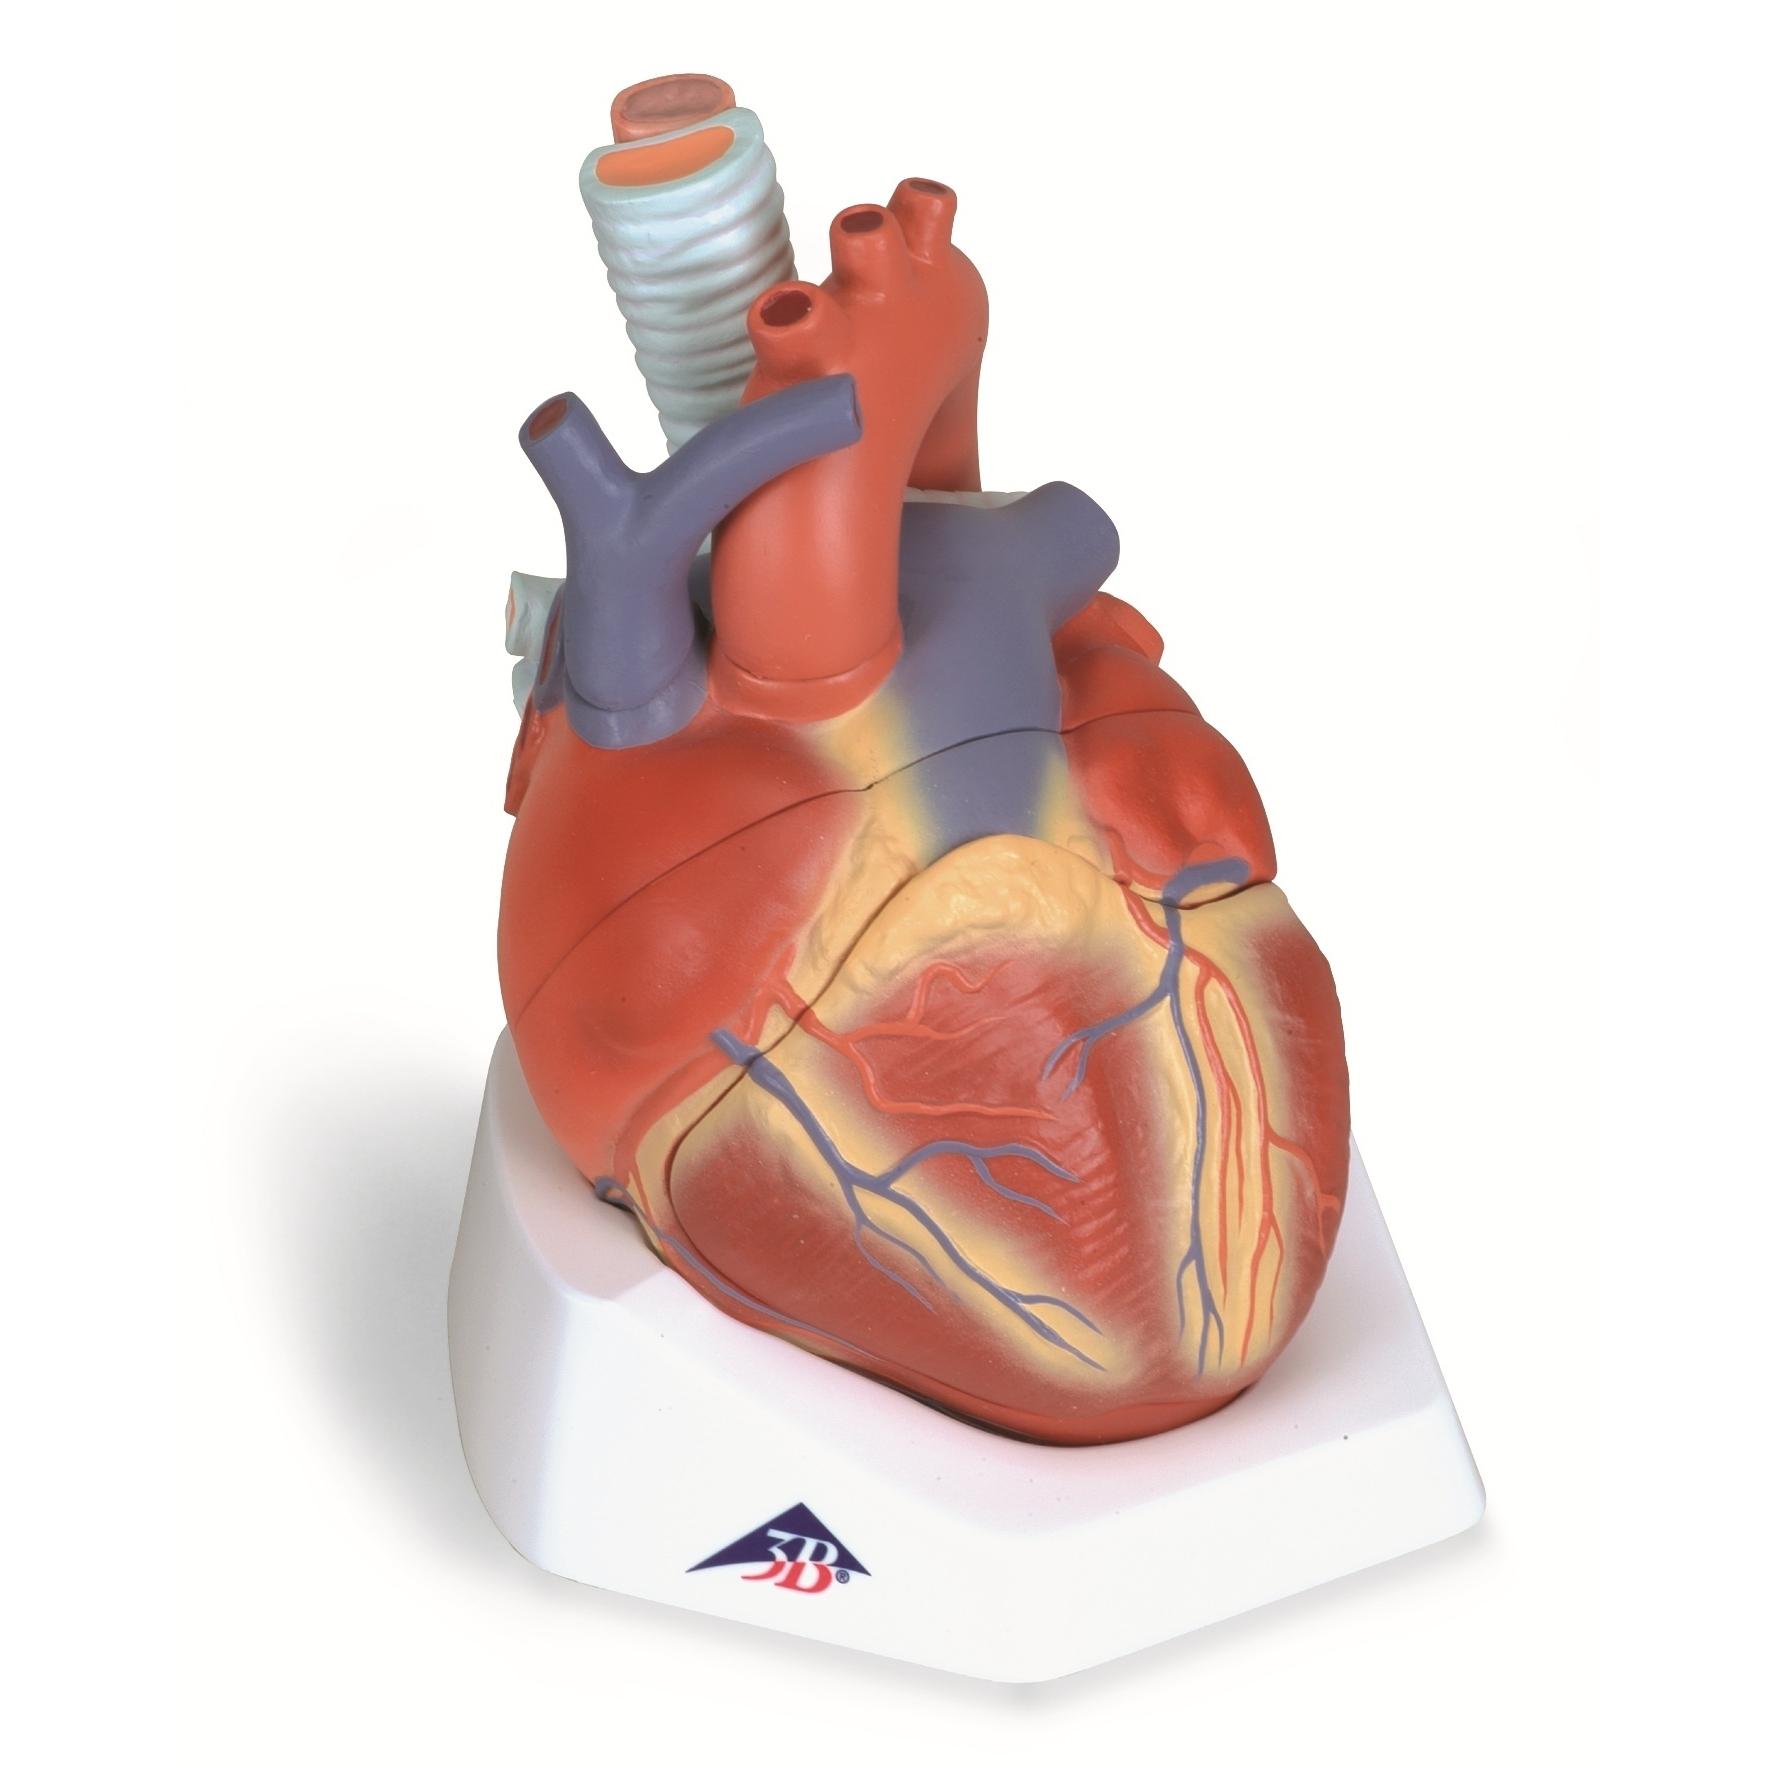 interaktyvios širdies sveikatos priemonės)